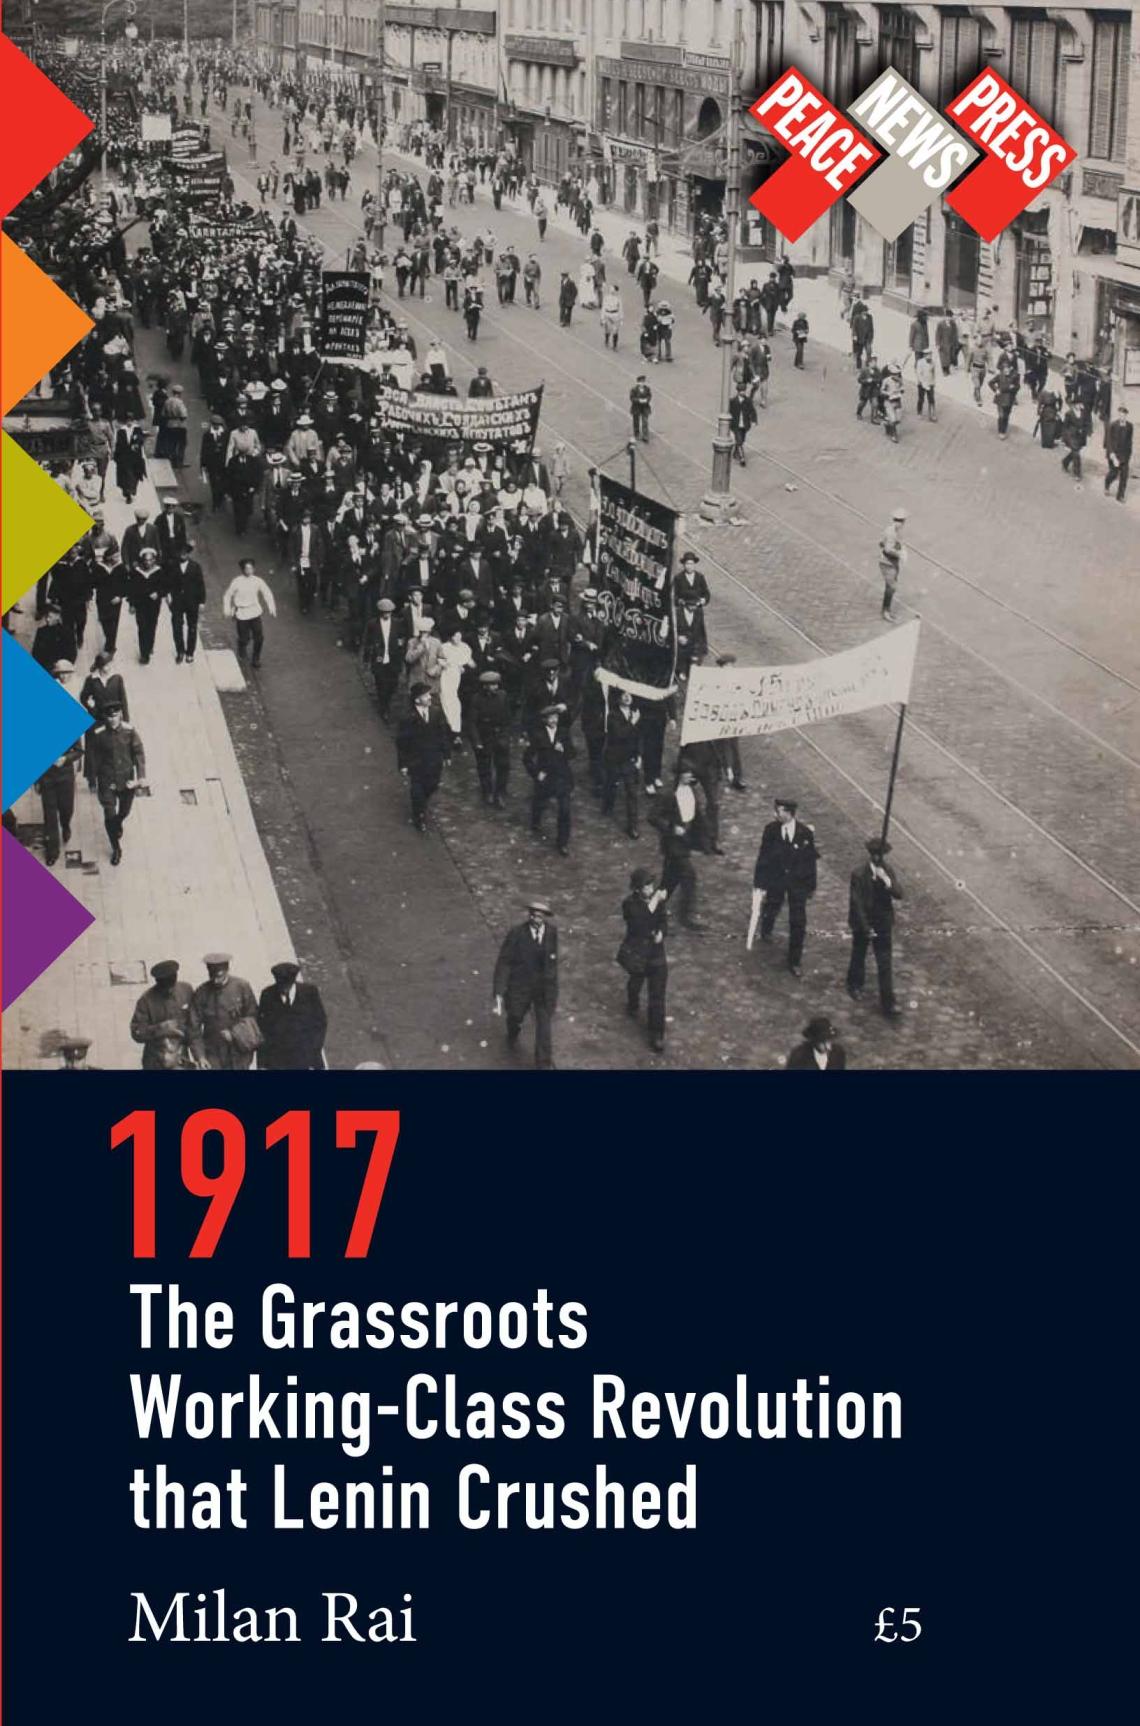 1917_GrassrootsWorking-ClassRevolution